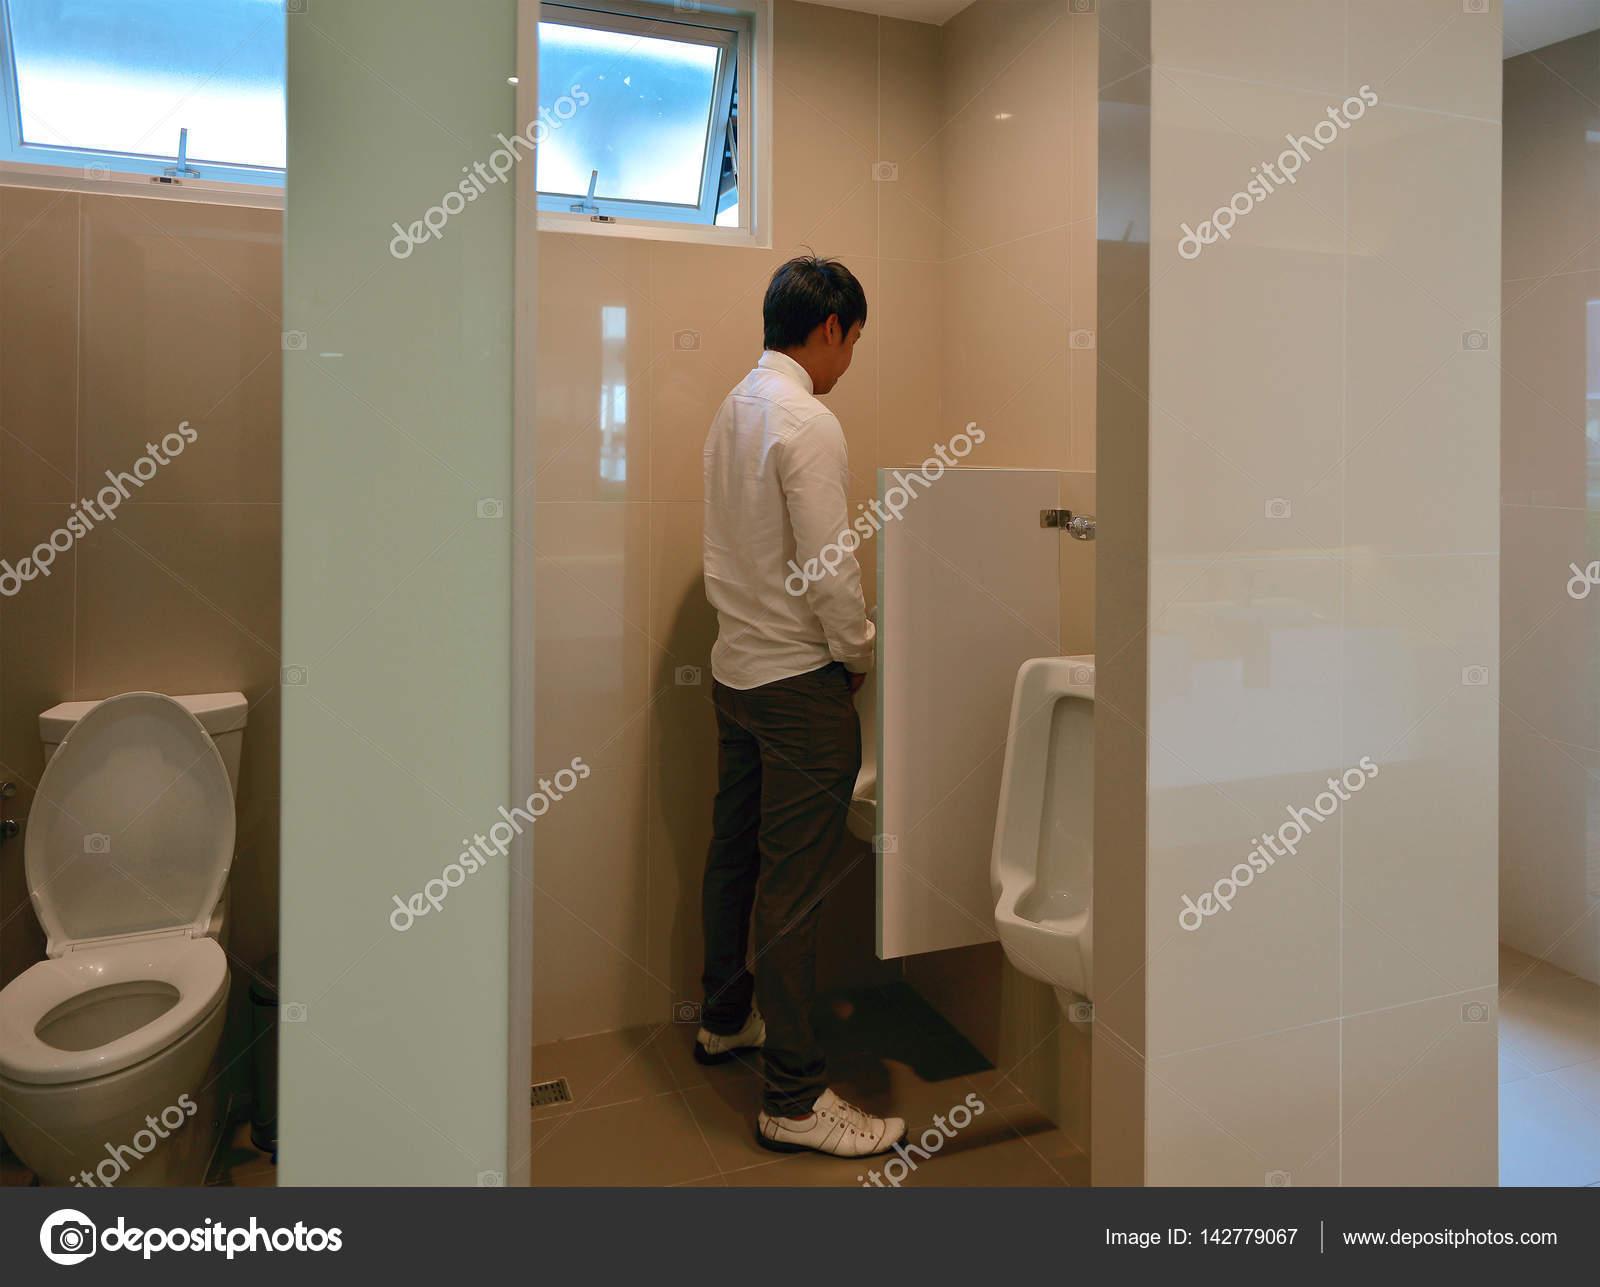 Un Homme D Affaires Asiatique Urine Dans La Salle De Bain Personne